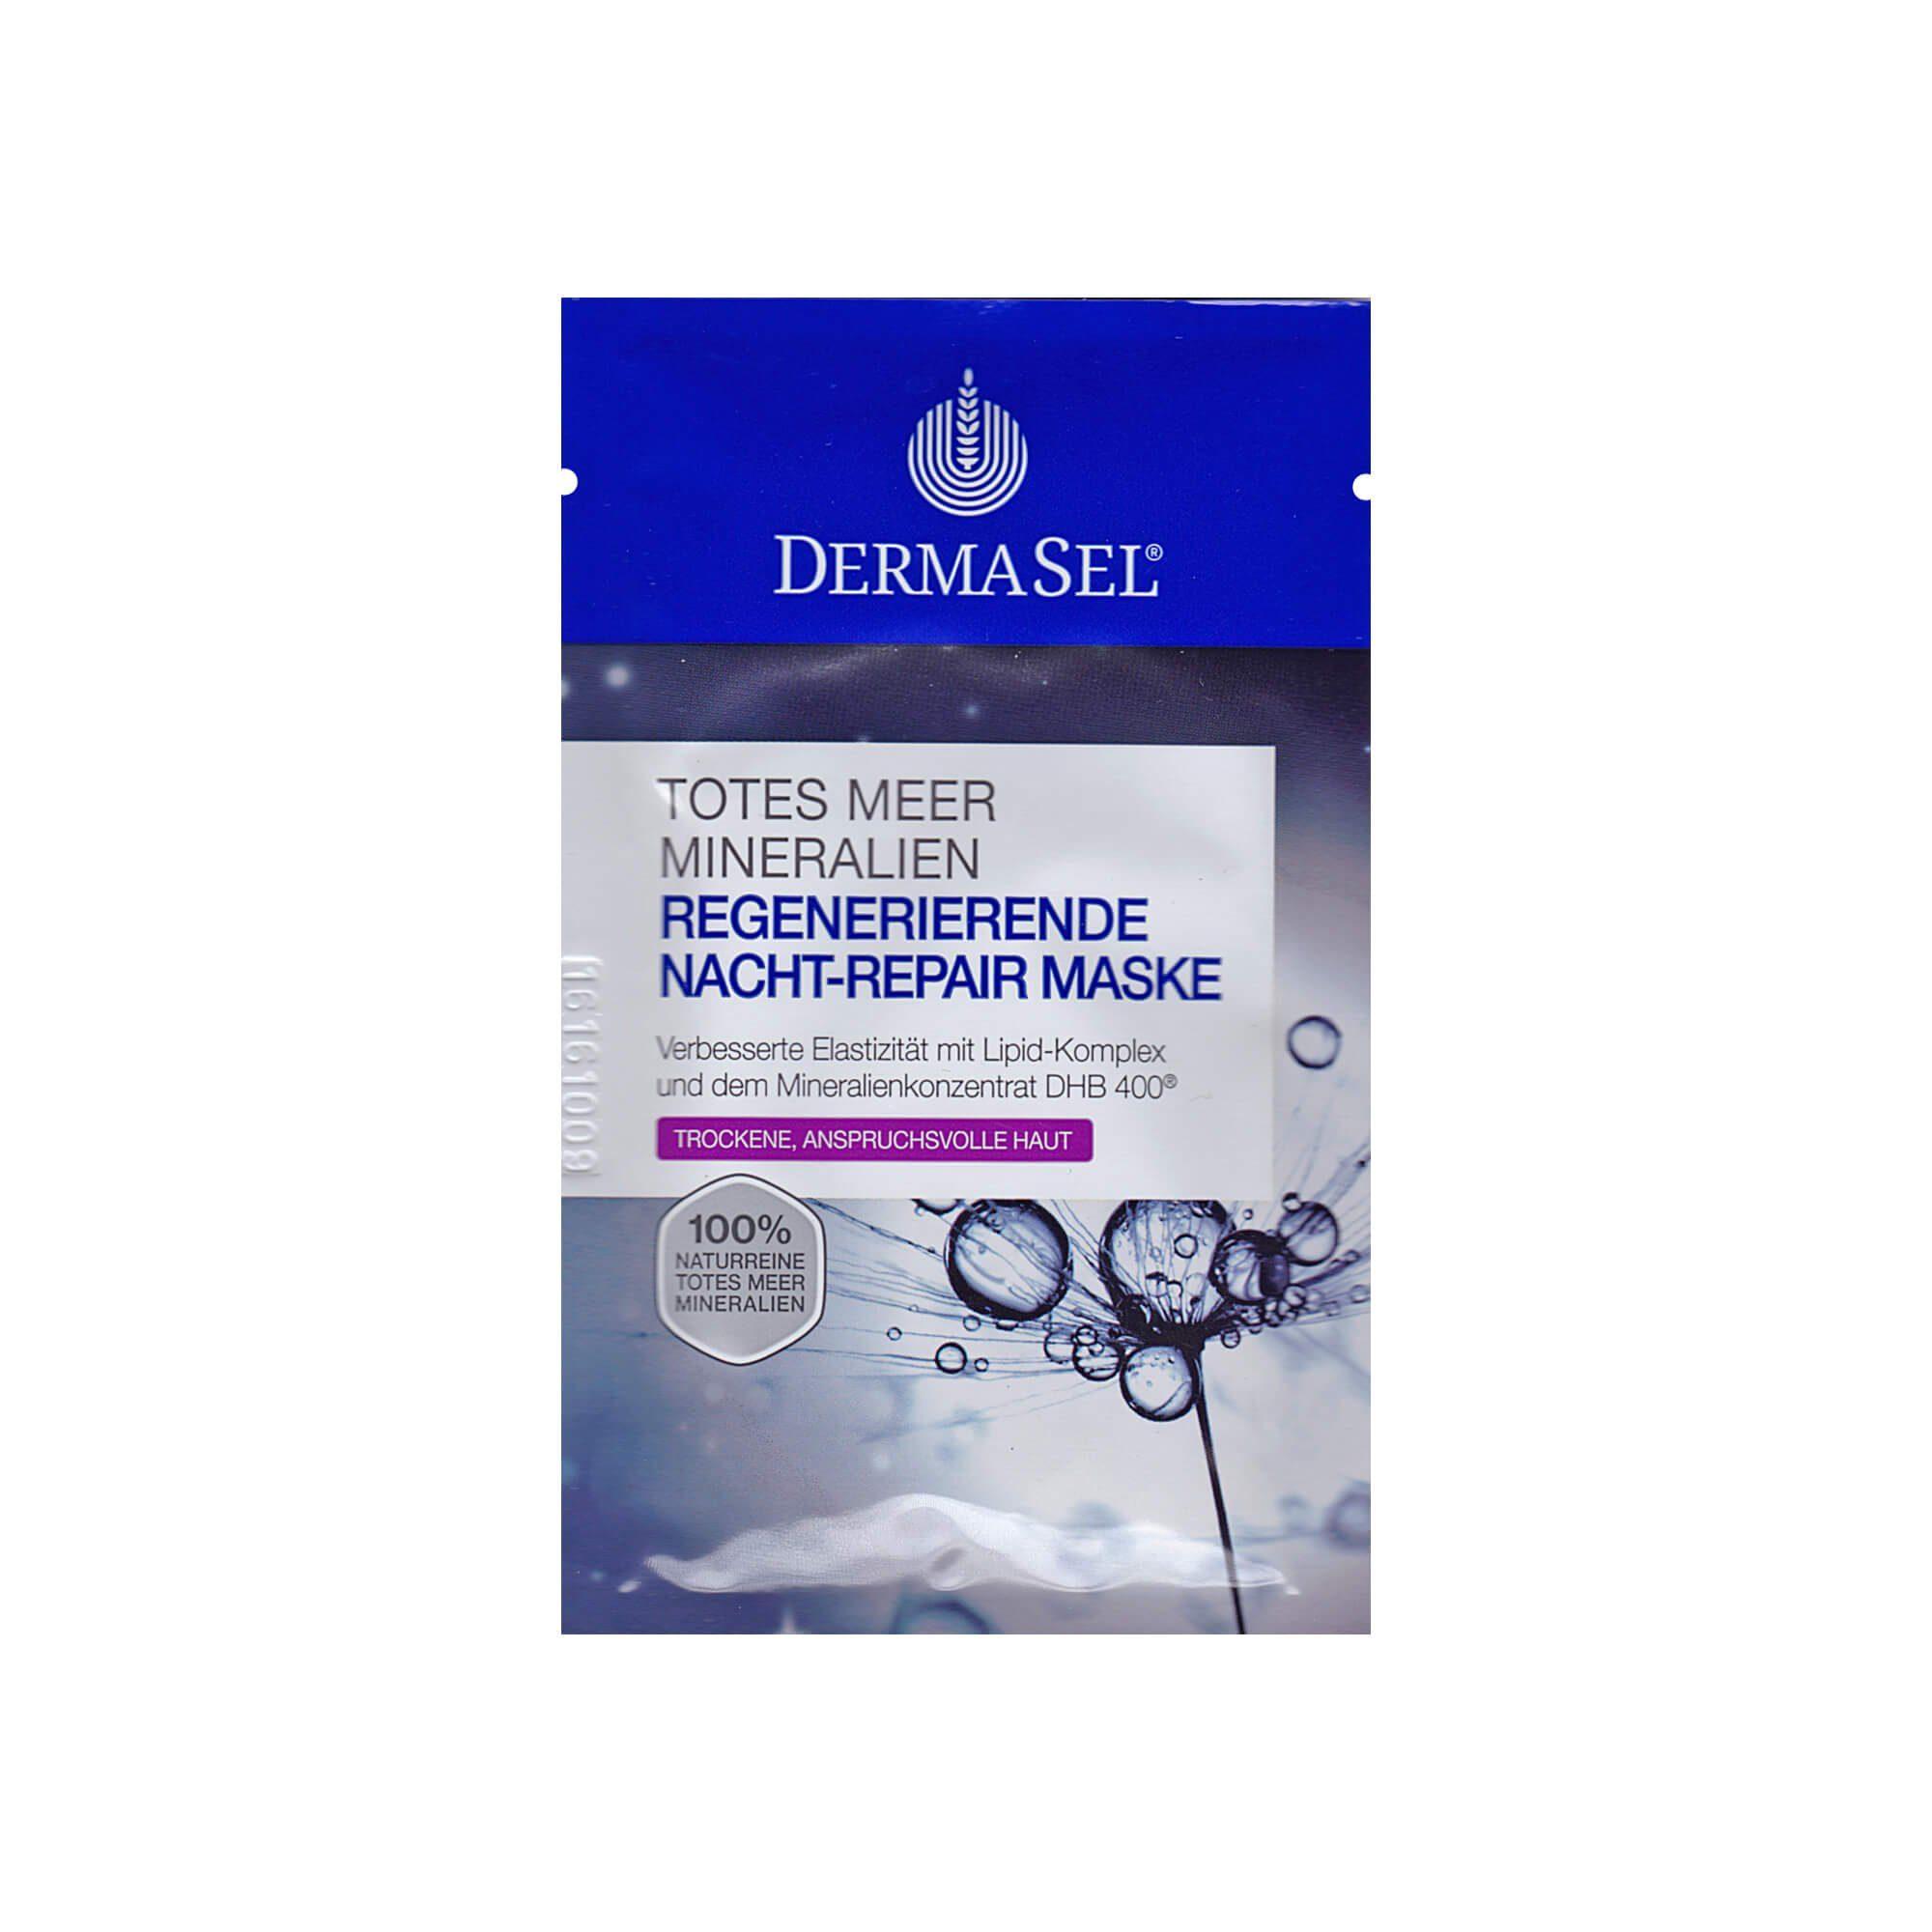 Dermasel Spa Totes Meer Maske Nacht-Repair , 12 ml